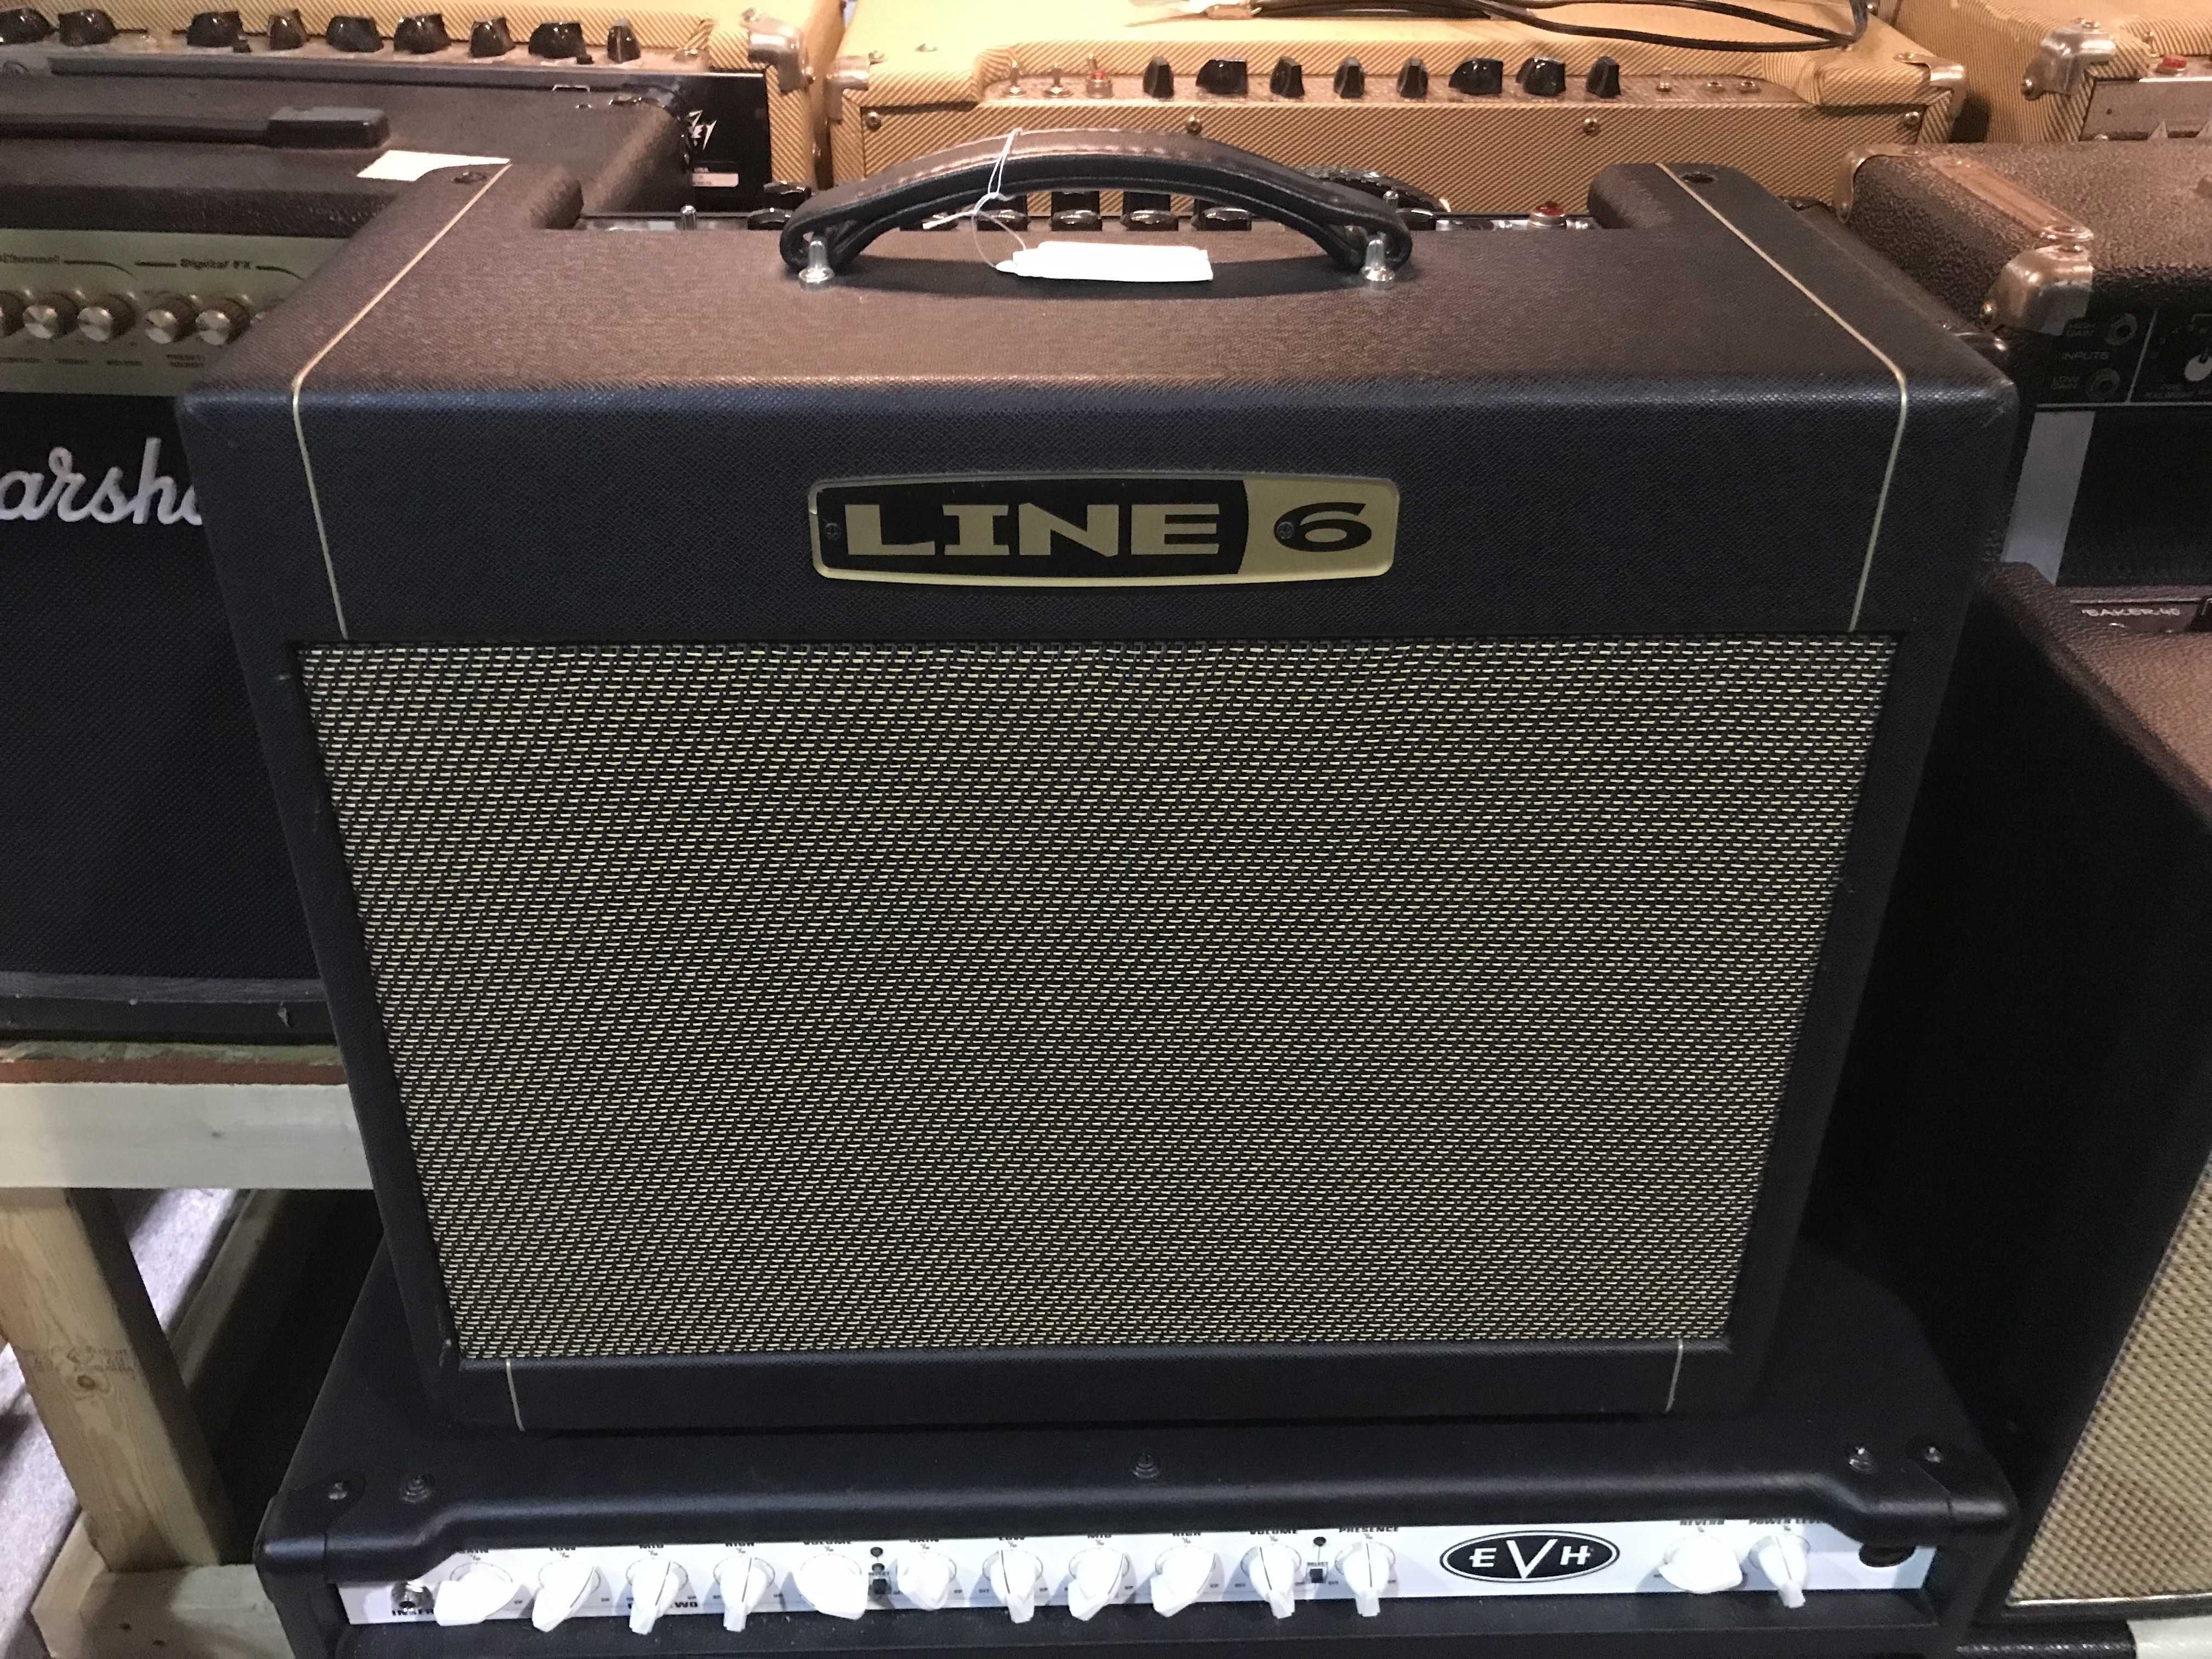 LINE 6 DT25 BOGNER 25W 1X12 Tube Modeling Combo Amp